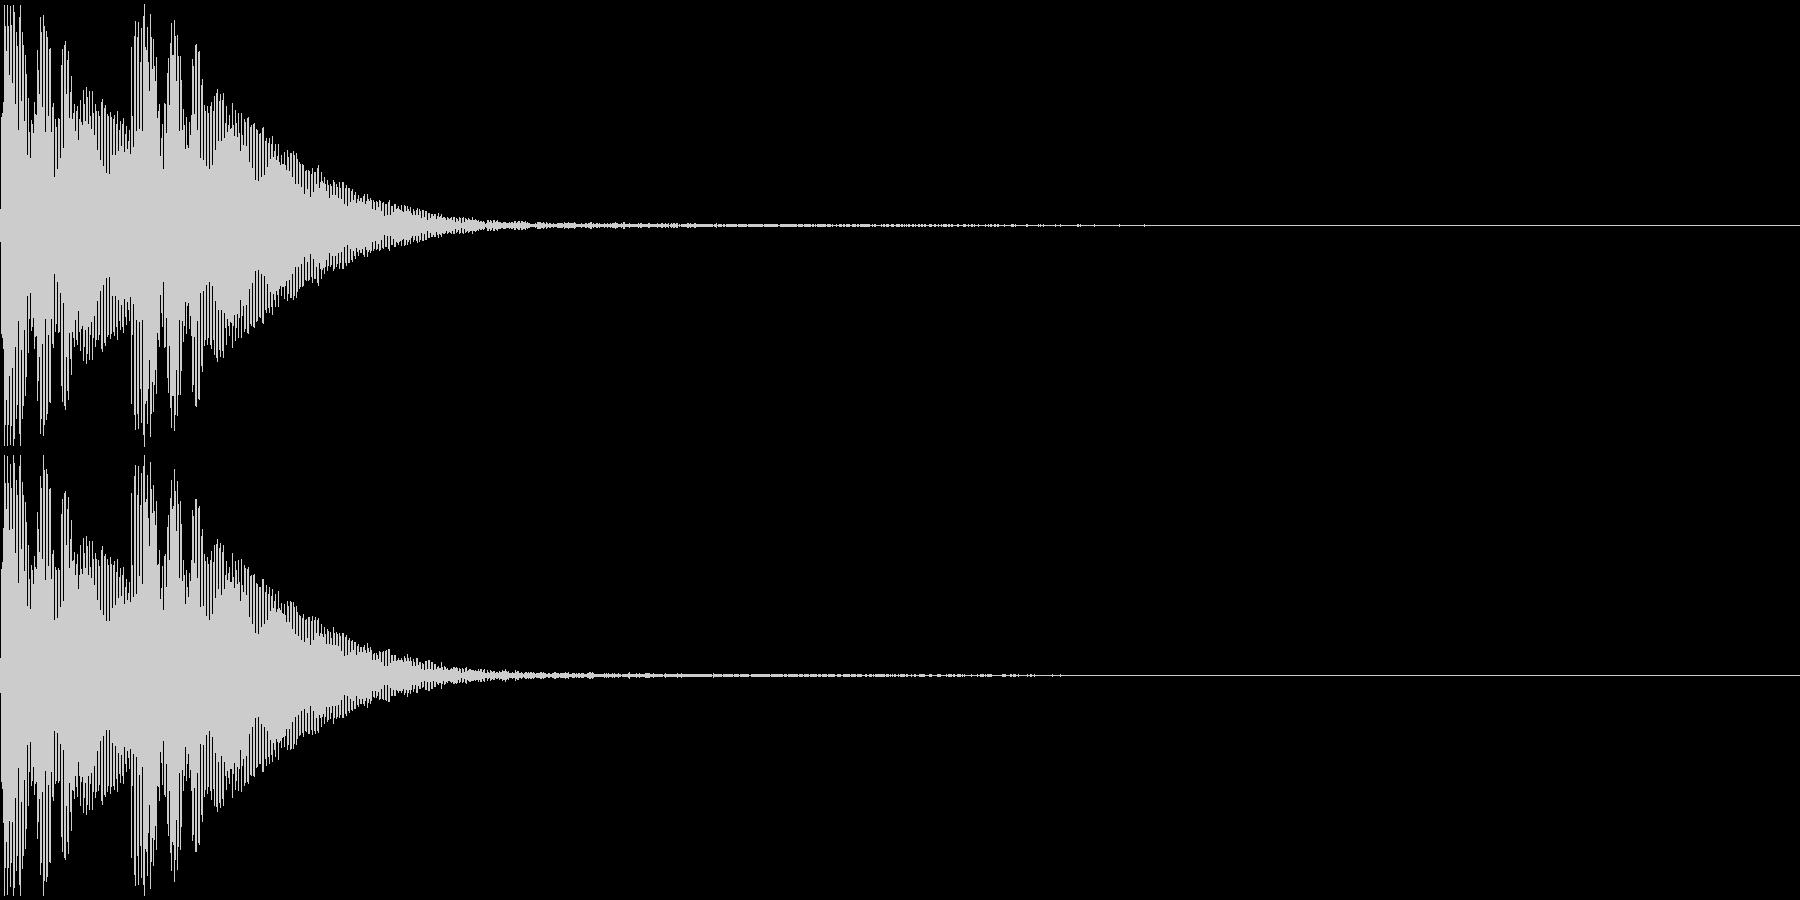 ででん(和風アイキャッチ)A06の未再生の波形